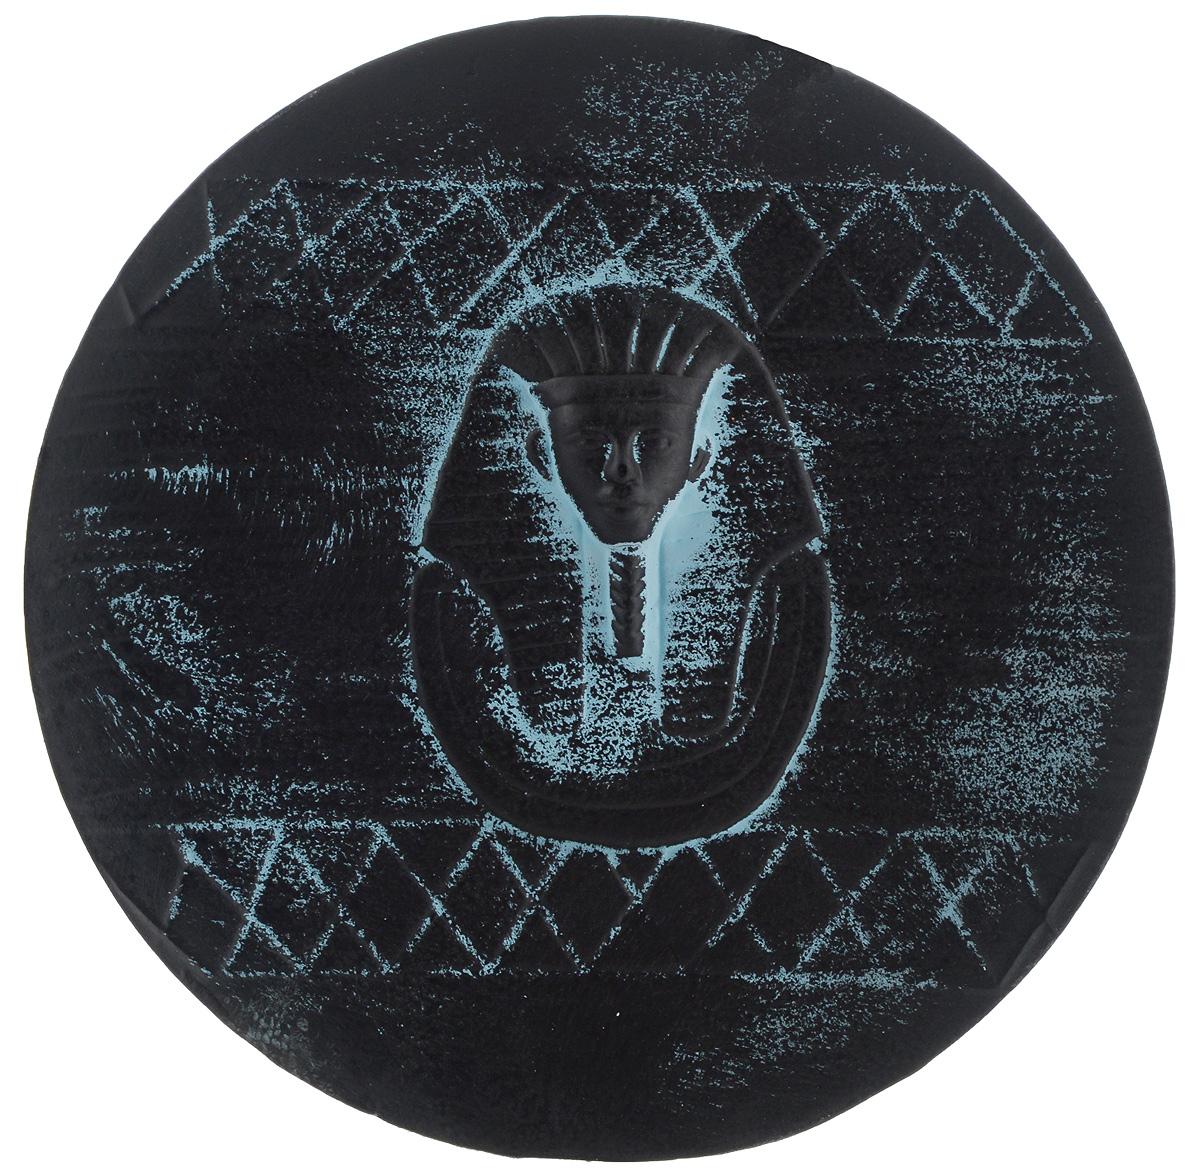 Тарелка декоративная House & Holder, диаметр 22 см. PX90474PX90474Тарелка House & Holder выполнена из высококачественной керамики. Тарелка круглой формы украшена оригинальным принтом. Она сочетает в себе оригинальный дизайн с максимальной функциональностью.Диаметр тарелки: 22 см.Высота: 2,2 см.